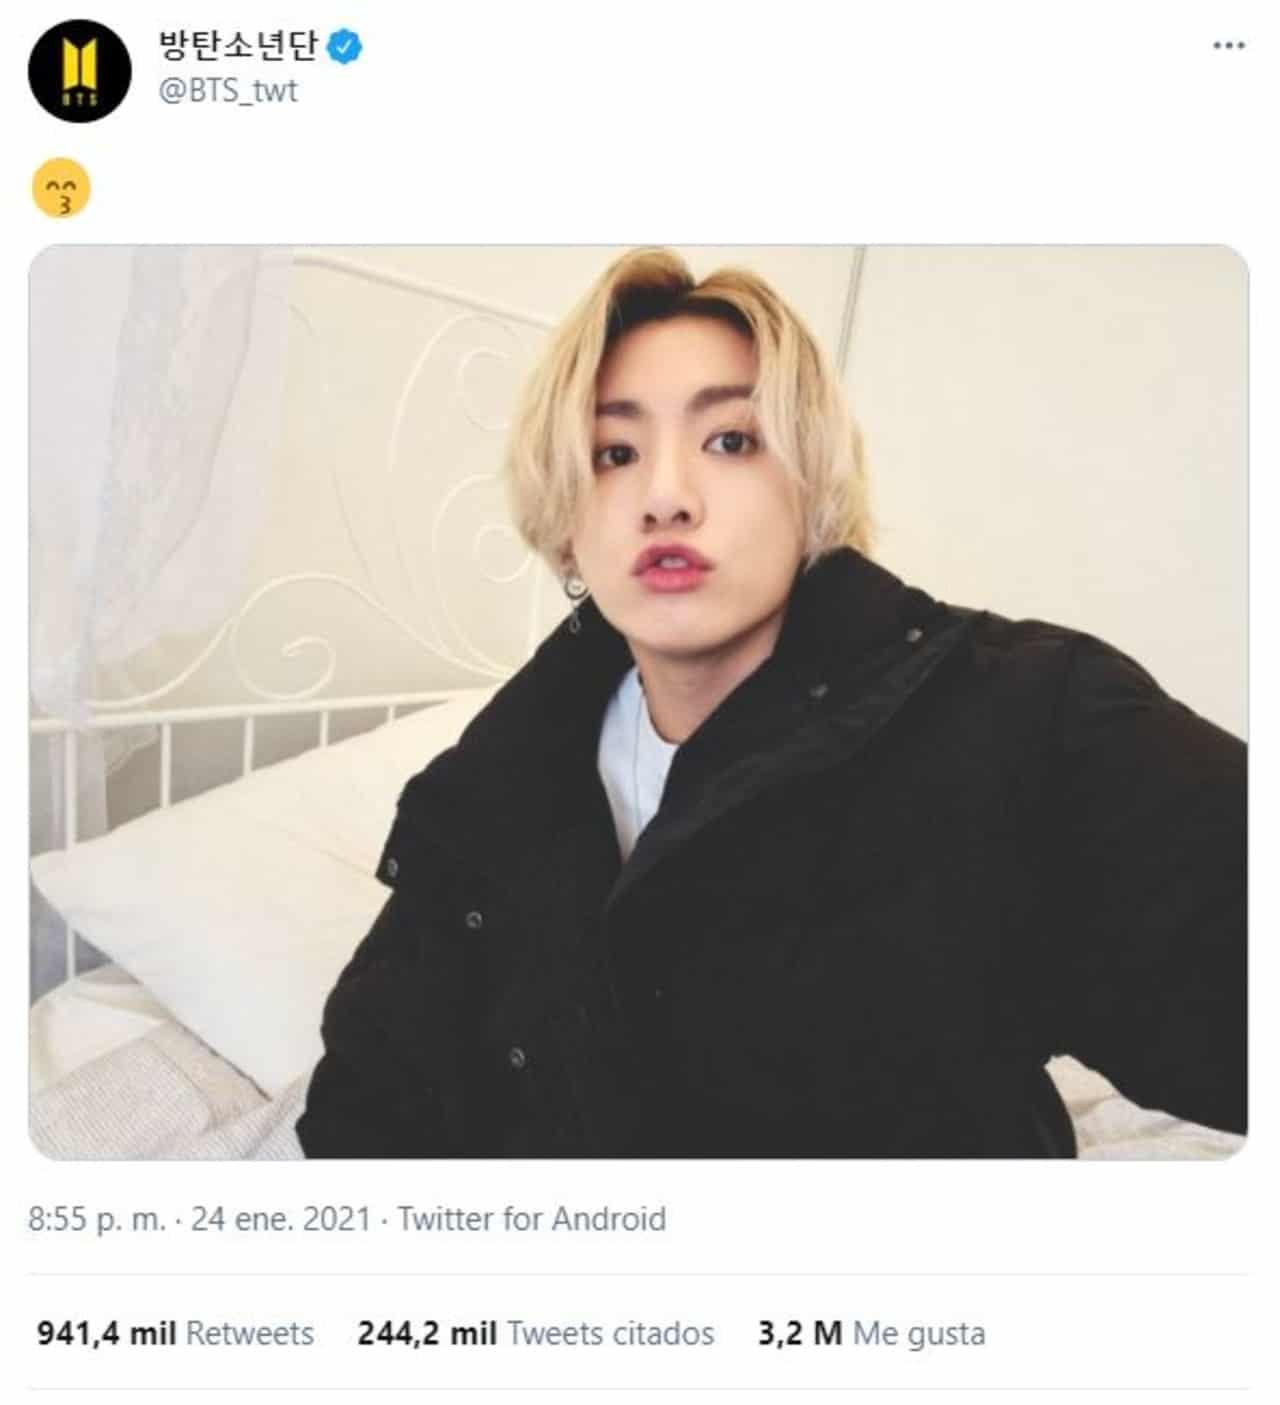 Jungkook récord 3 tweets millones